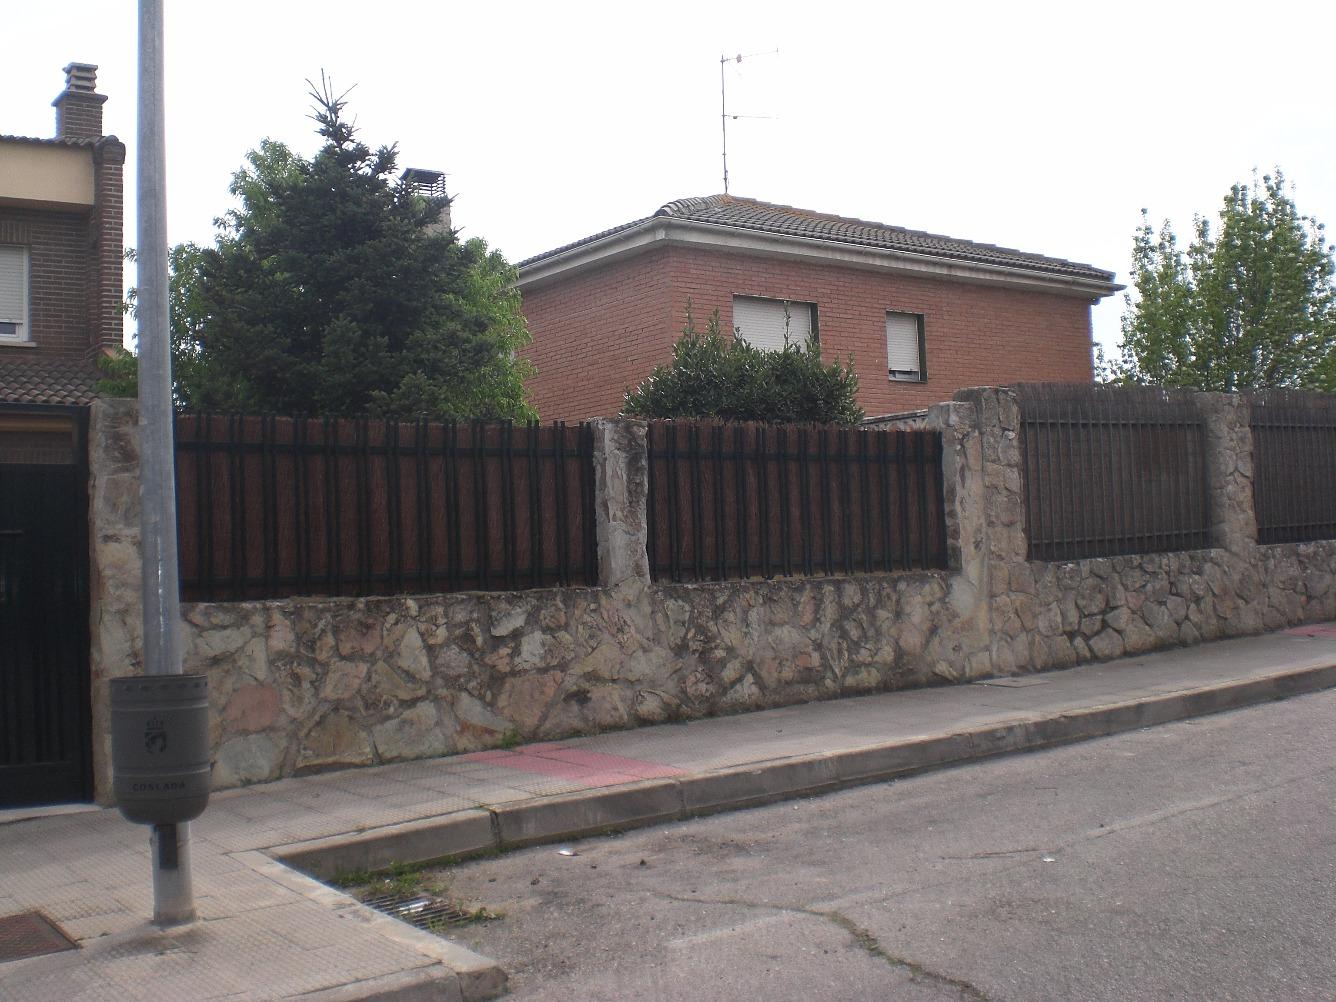 Unifamiliar en Calle VICENTE ALEIXANDRE